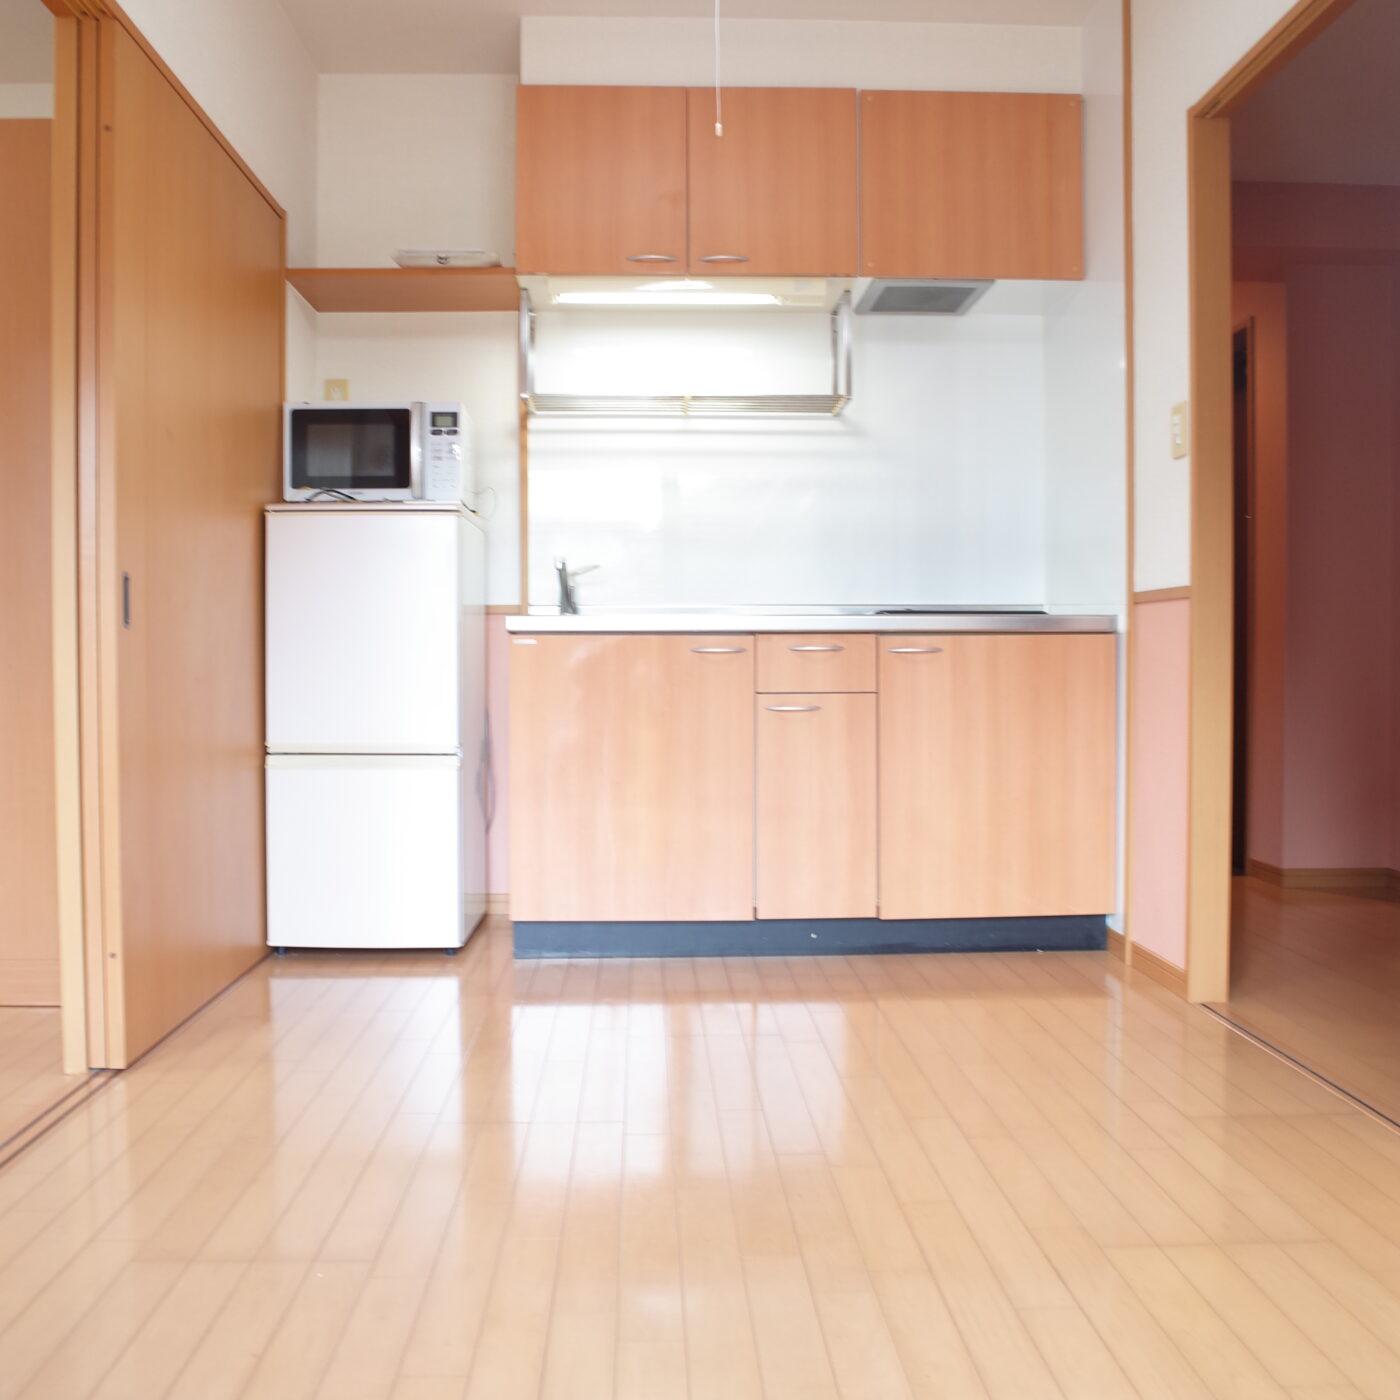 九大 賃貸 マンション 伊都キャンパス 一人暮らし 学生専用